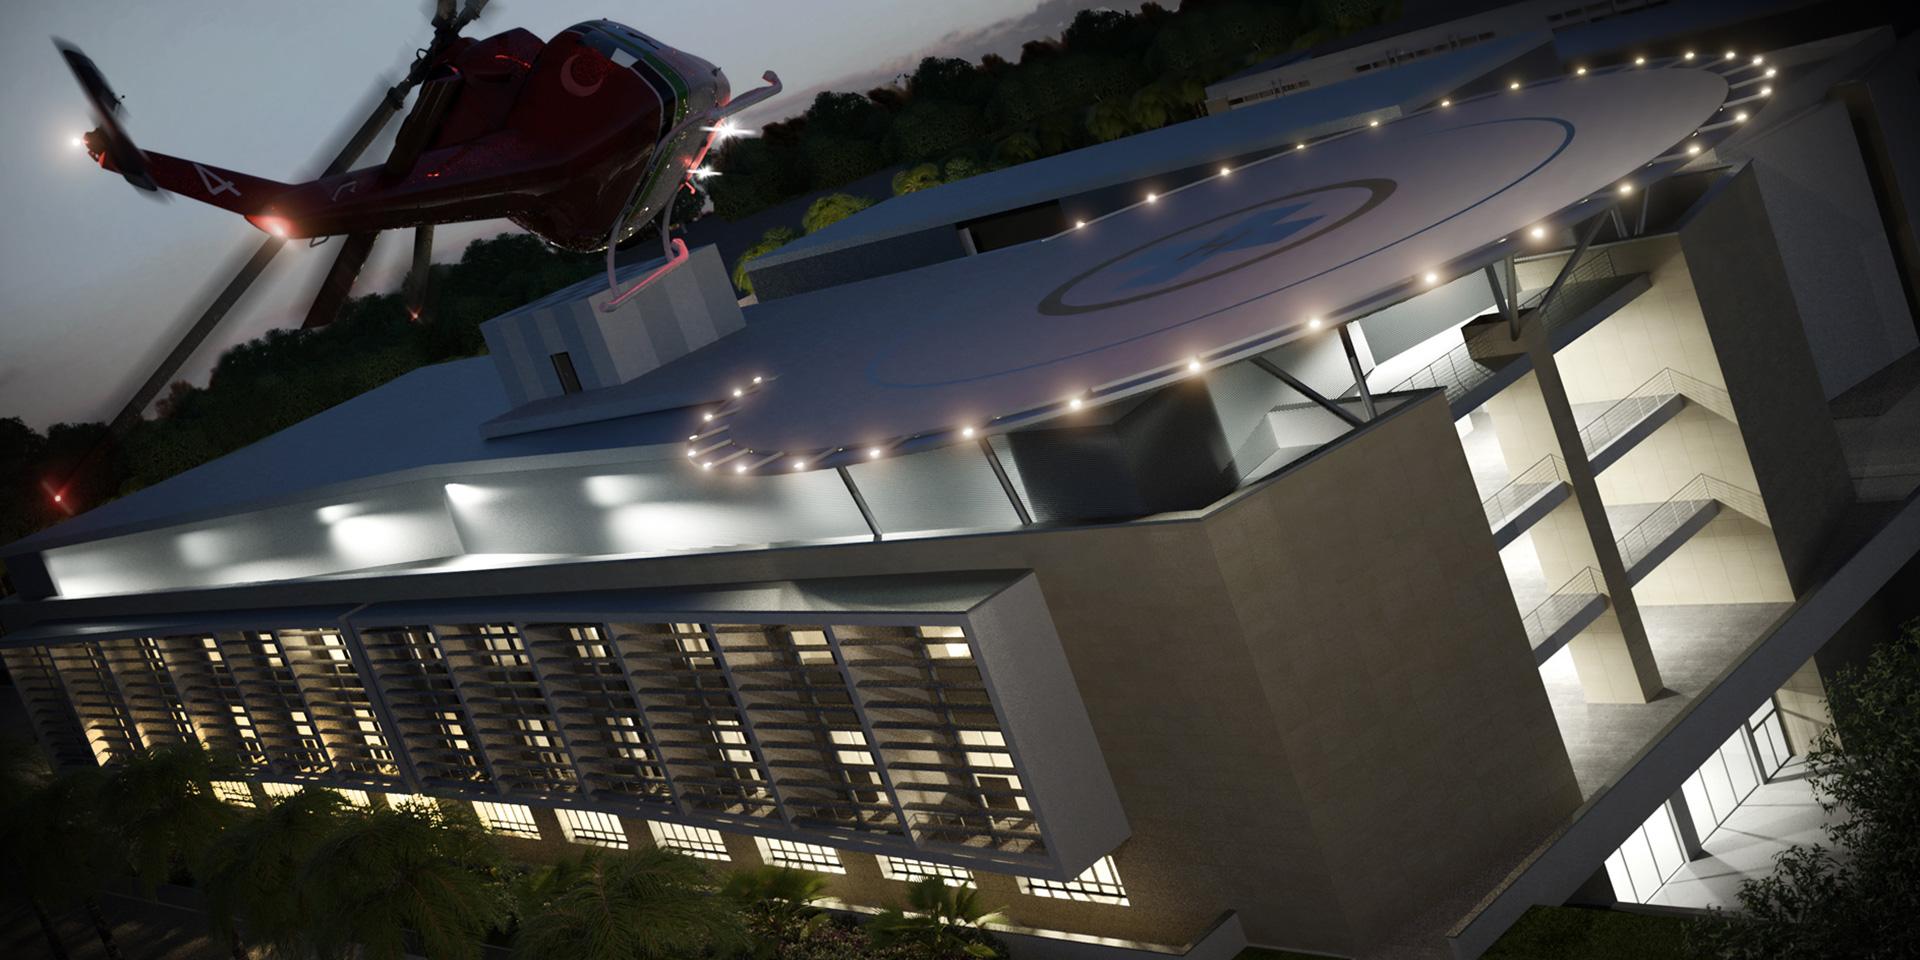 Ospedale Universitario di Al Zawia, Libia, Binini Partners, Società di architettura e ingegneria